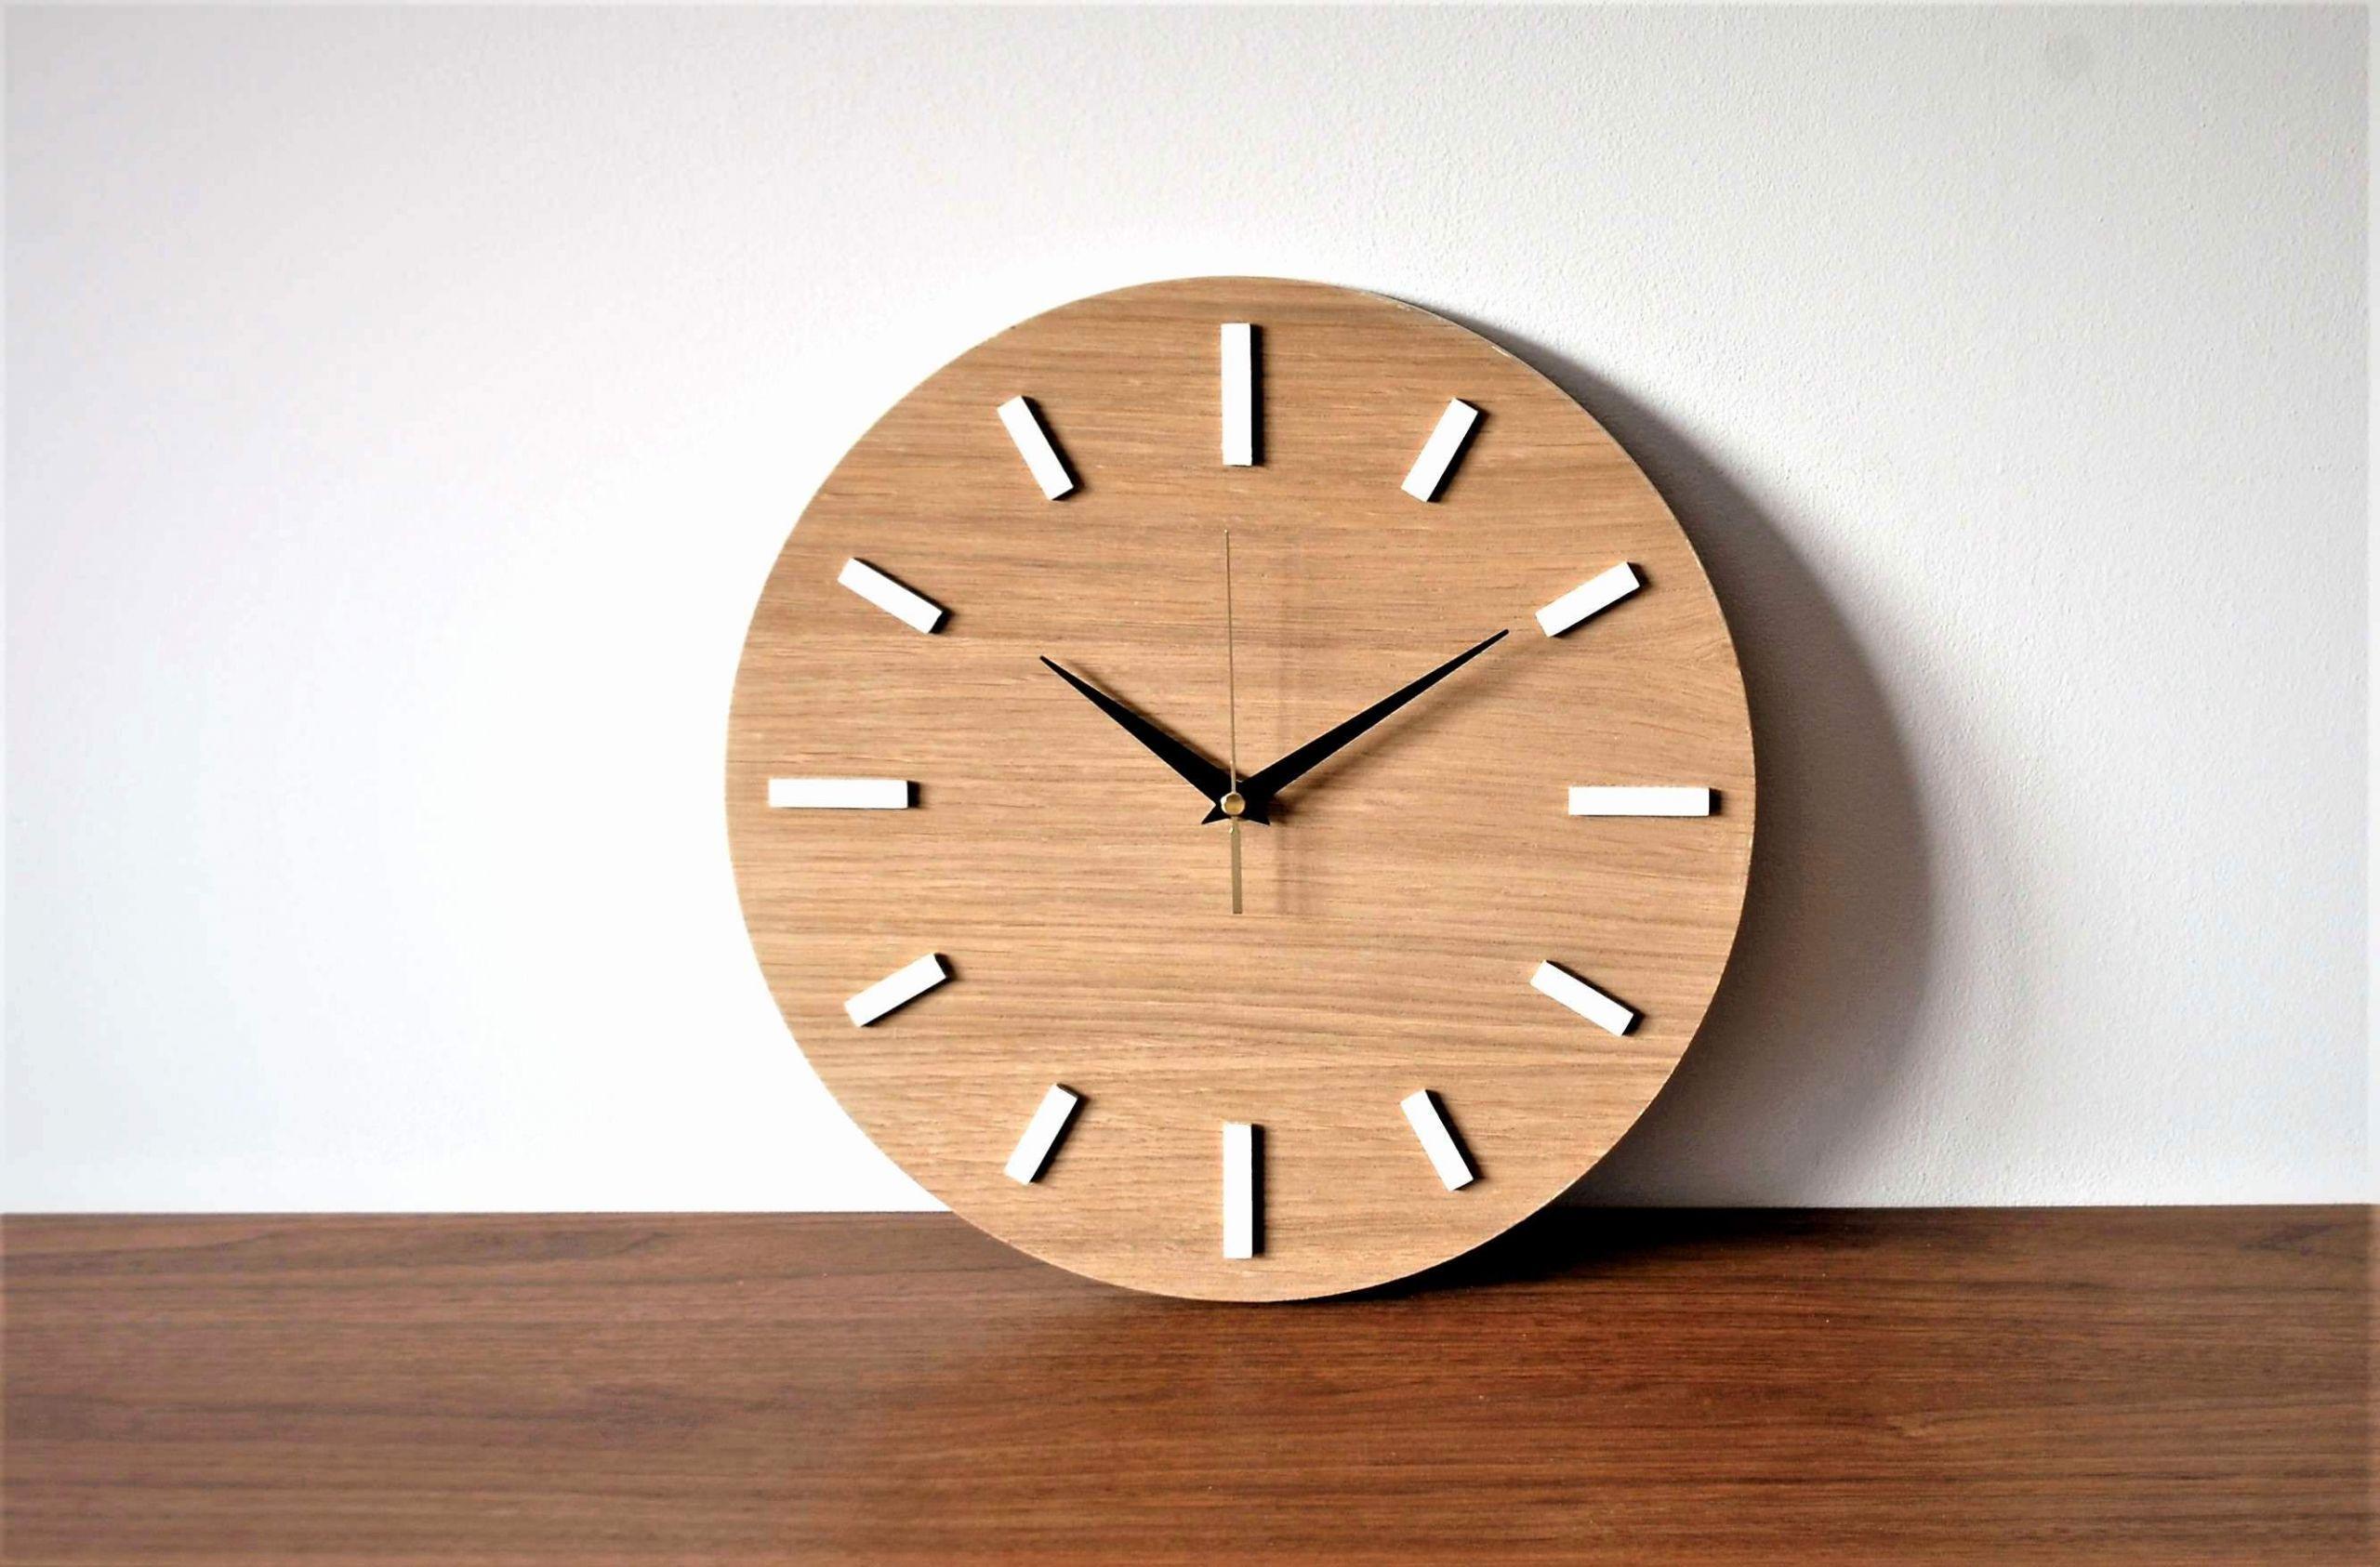 14 Ideen Wohnzimmer Uhren Zum Hinstellen22 In 2020 Wanduhren Modern Wanduhren Wohnzimmer Wanduhr Holz